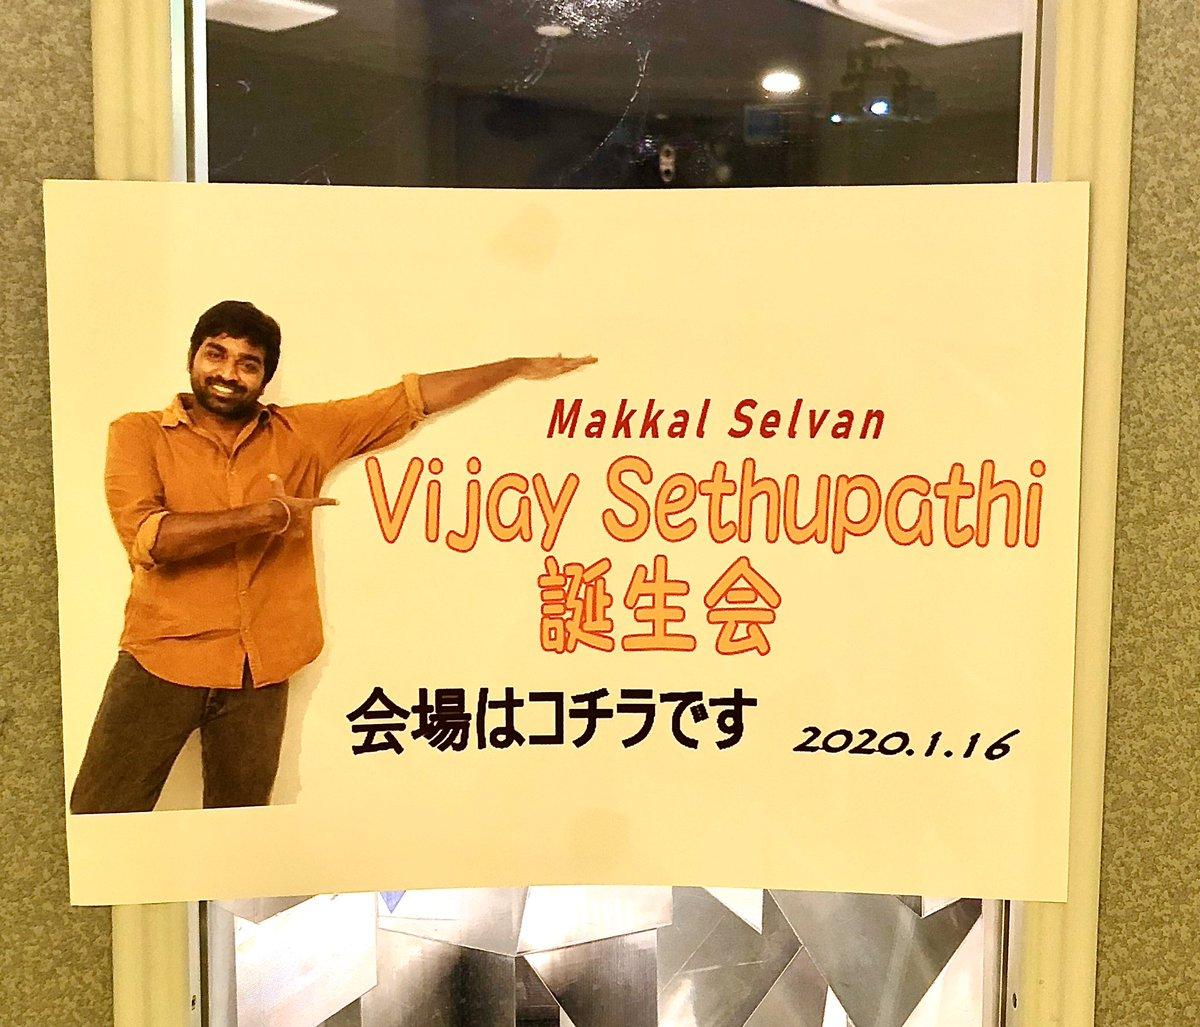 Makkal Selvanの誕生日をお祝いしたい…そんな呟きから、素晴らしいVSP誕生会をすることができました🥰飾り付け、料理、ケーキなどみんなの力を一つになった!心からありがとうございました😊🙏✨ #HBDVijaySethupathi #HBDVijaySethupathiJapan 🇯🇵 #HappyBirthdayVijaySethupathi  #HBDMakkalSelvan